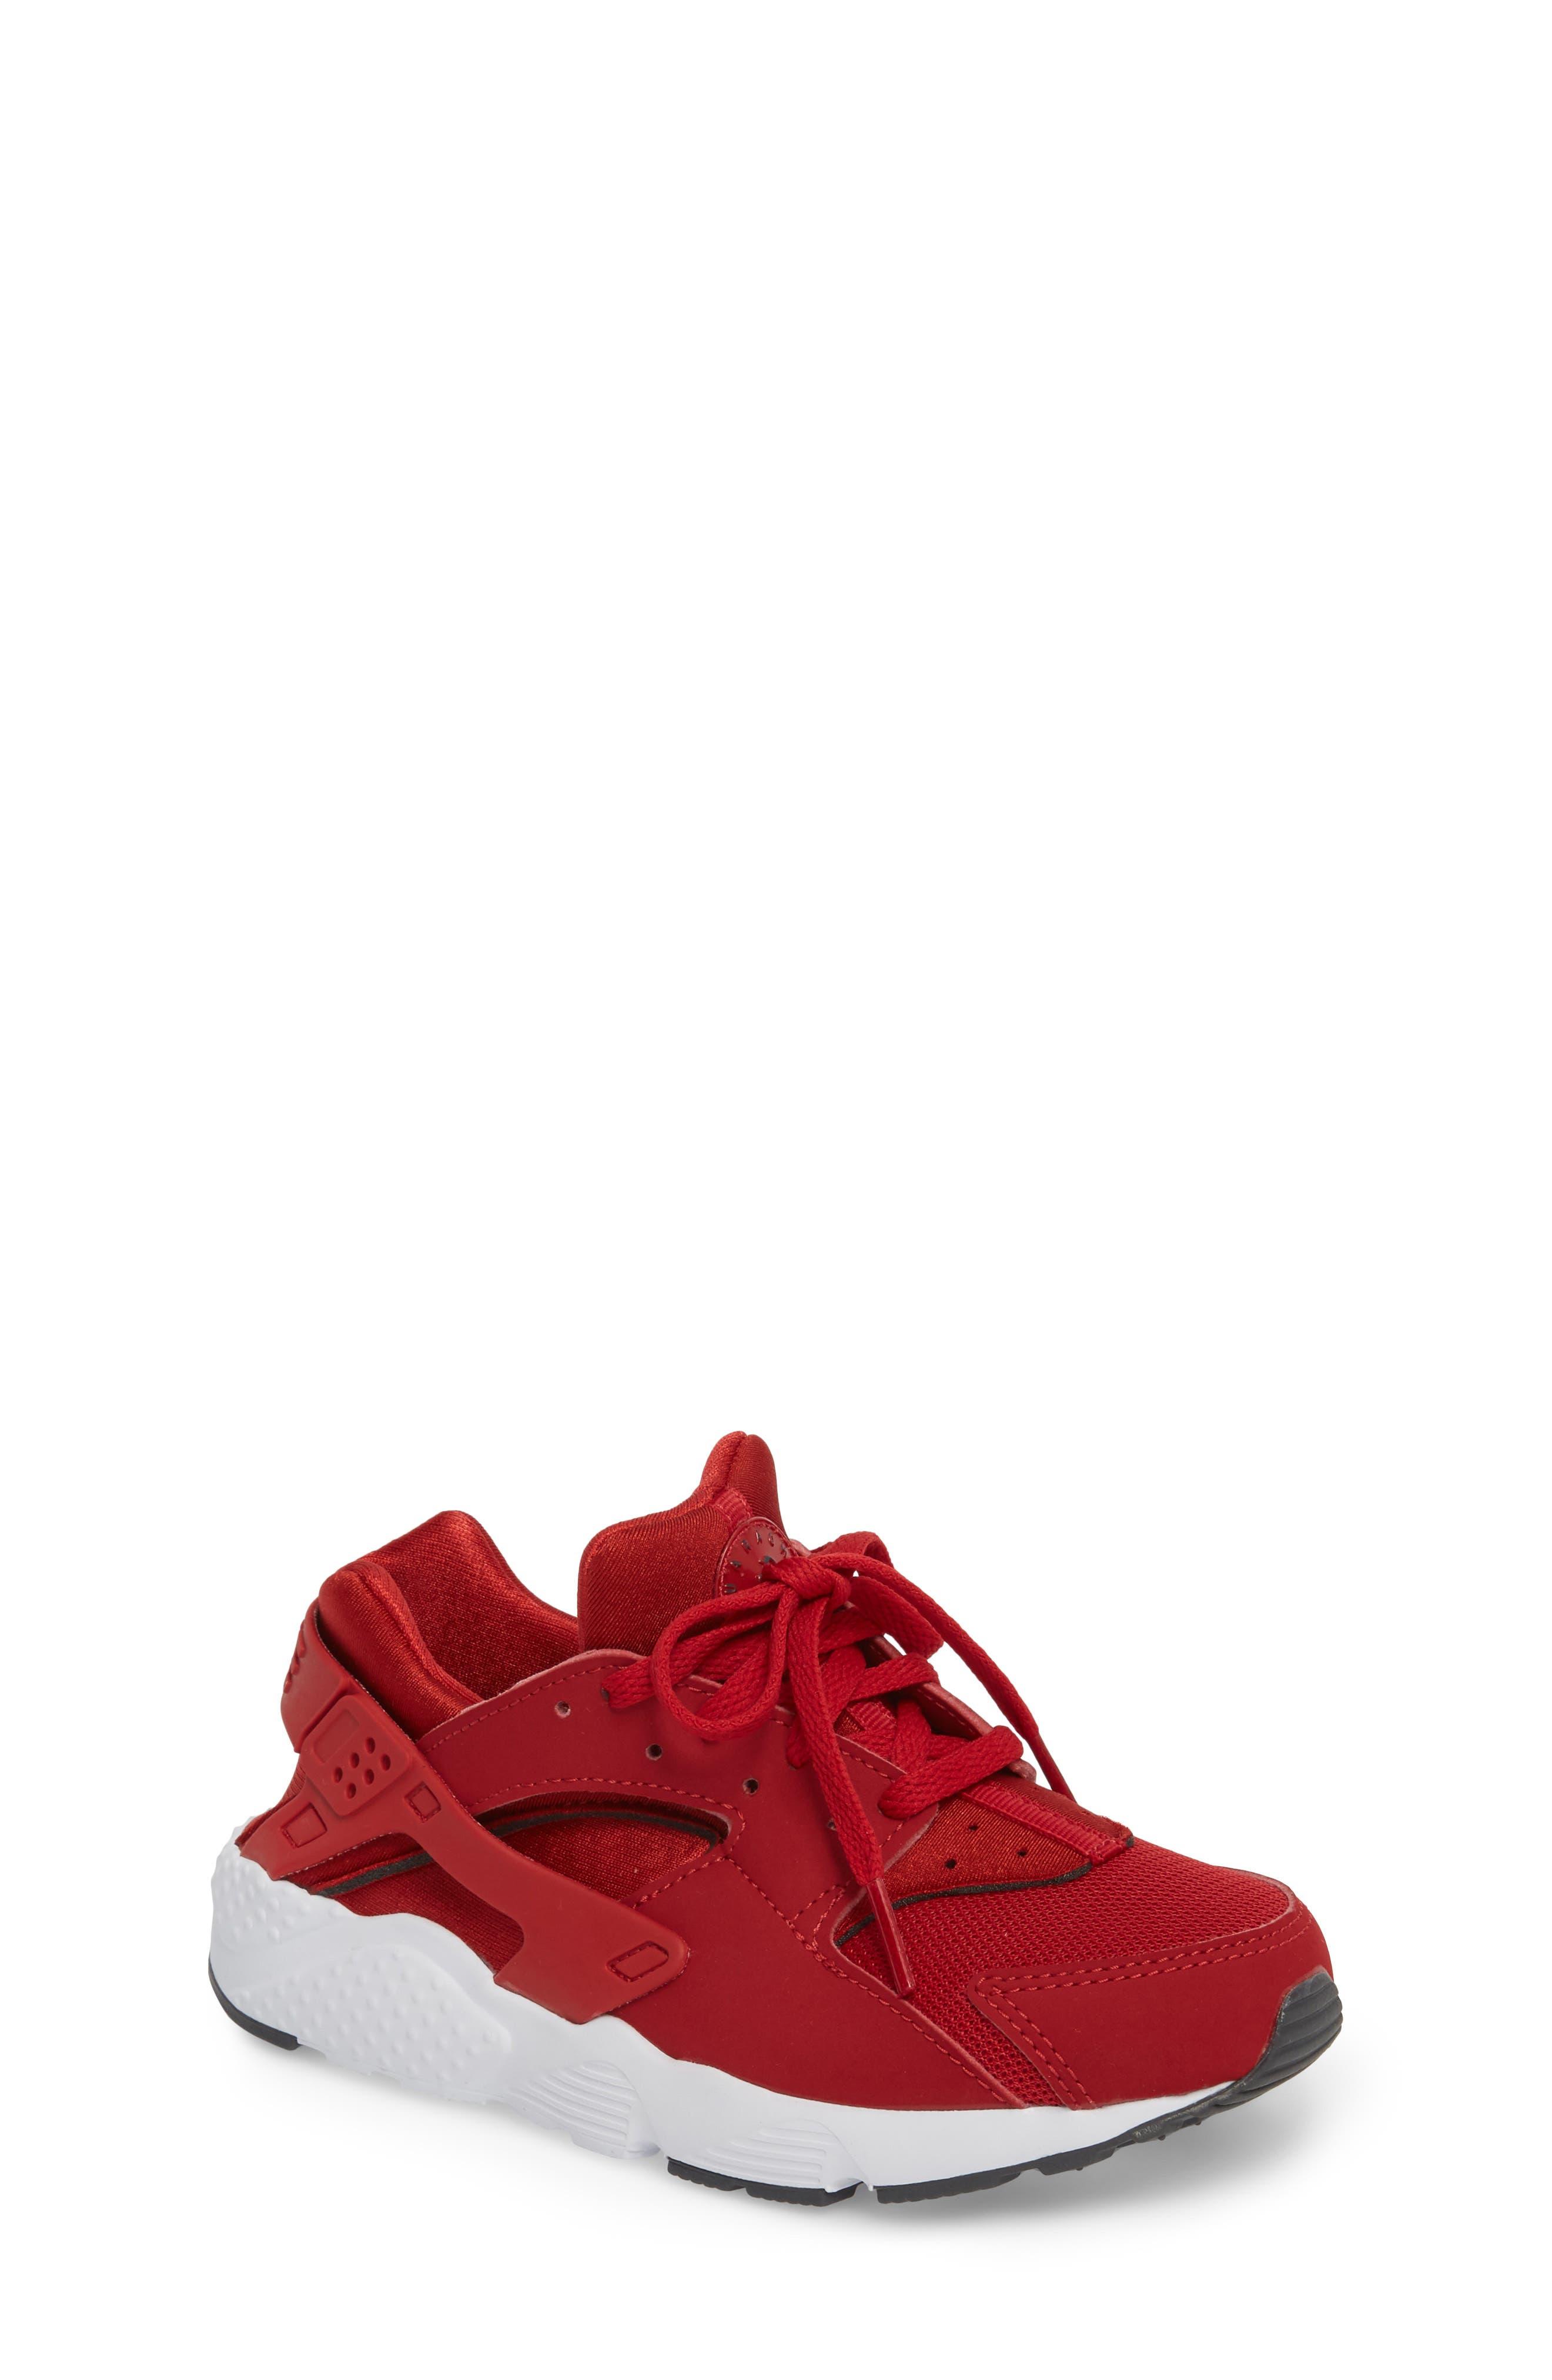 'Huarache' Sneaker,                             Main thumbnail 1, color,                             604